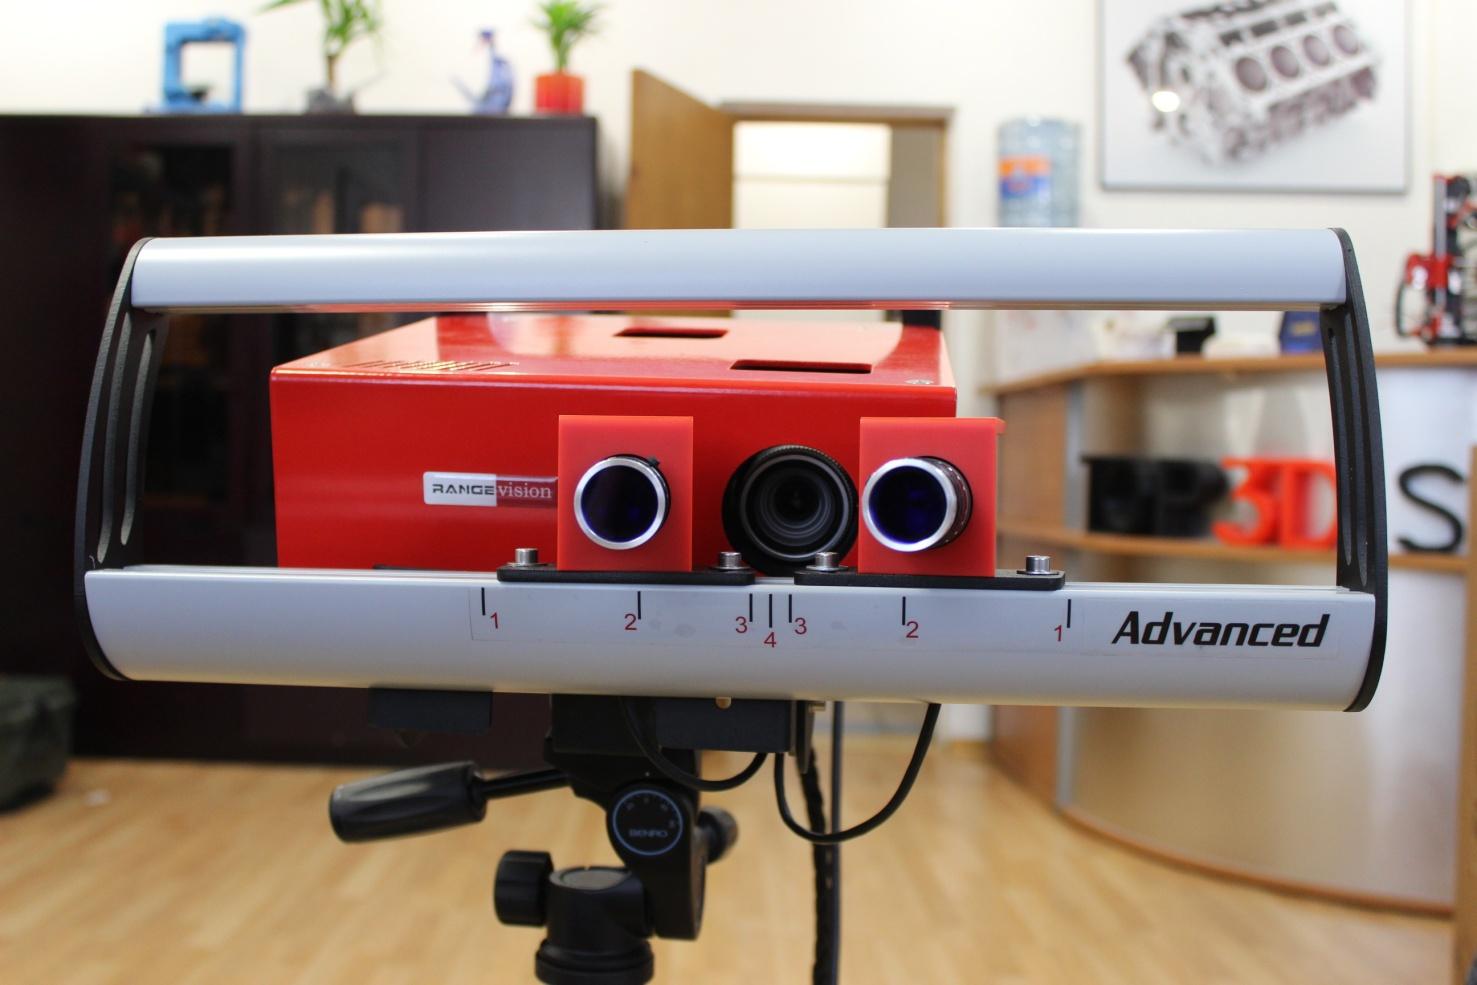 Обзор российского 3D-сканера RangeVision Advanced - 11